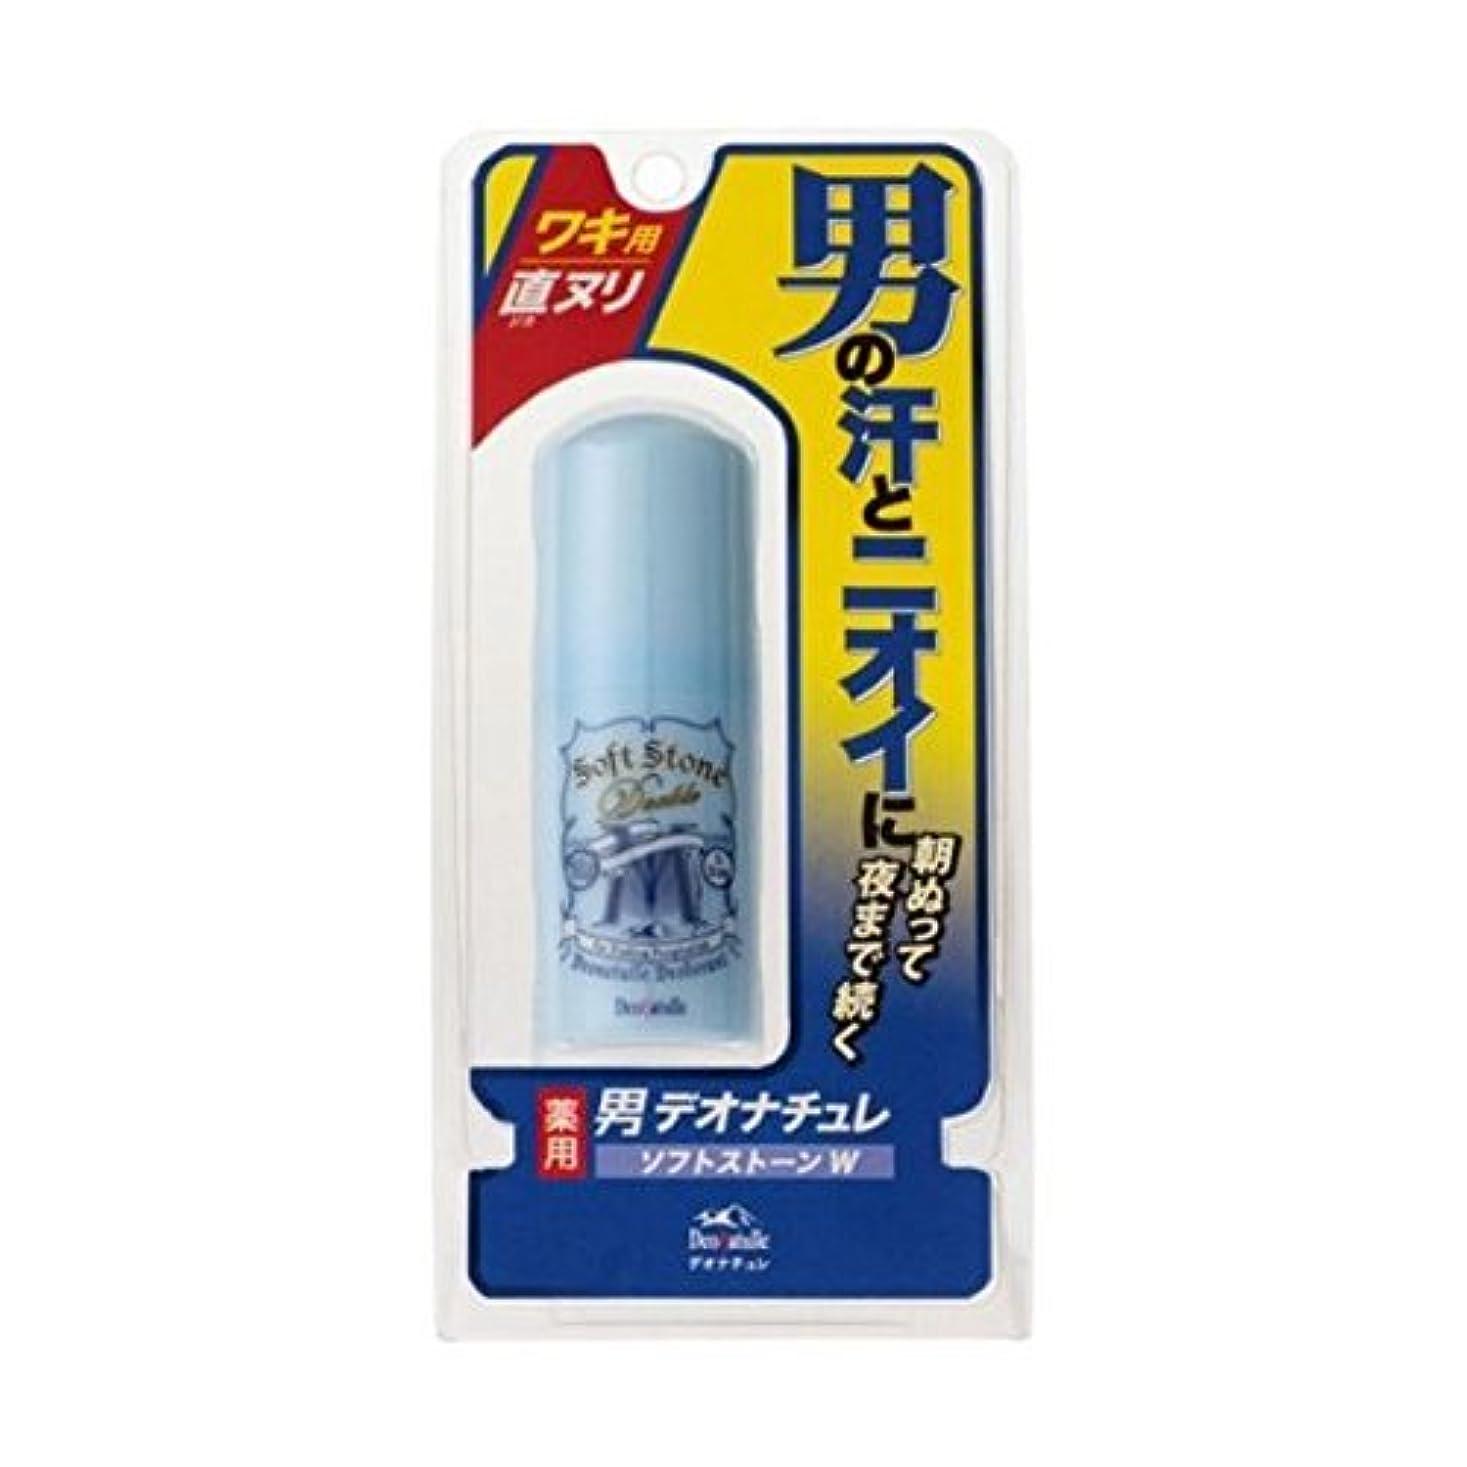 トリッキー無能石炭デオナチュレ 男ソフトストーン20Gx6個